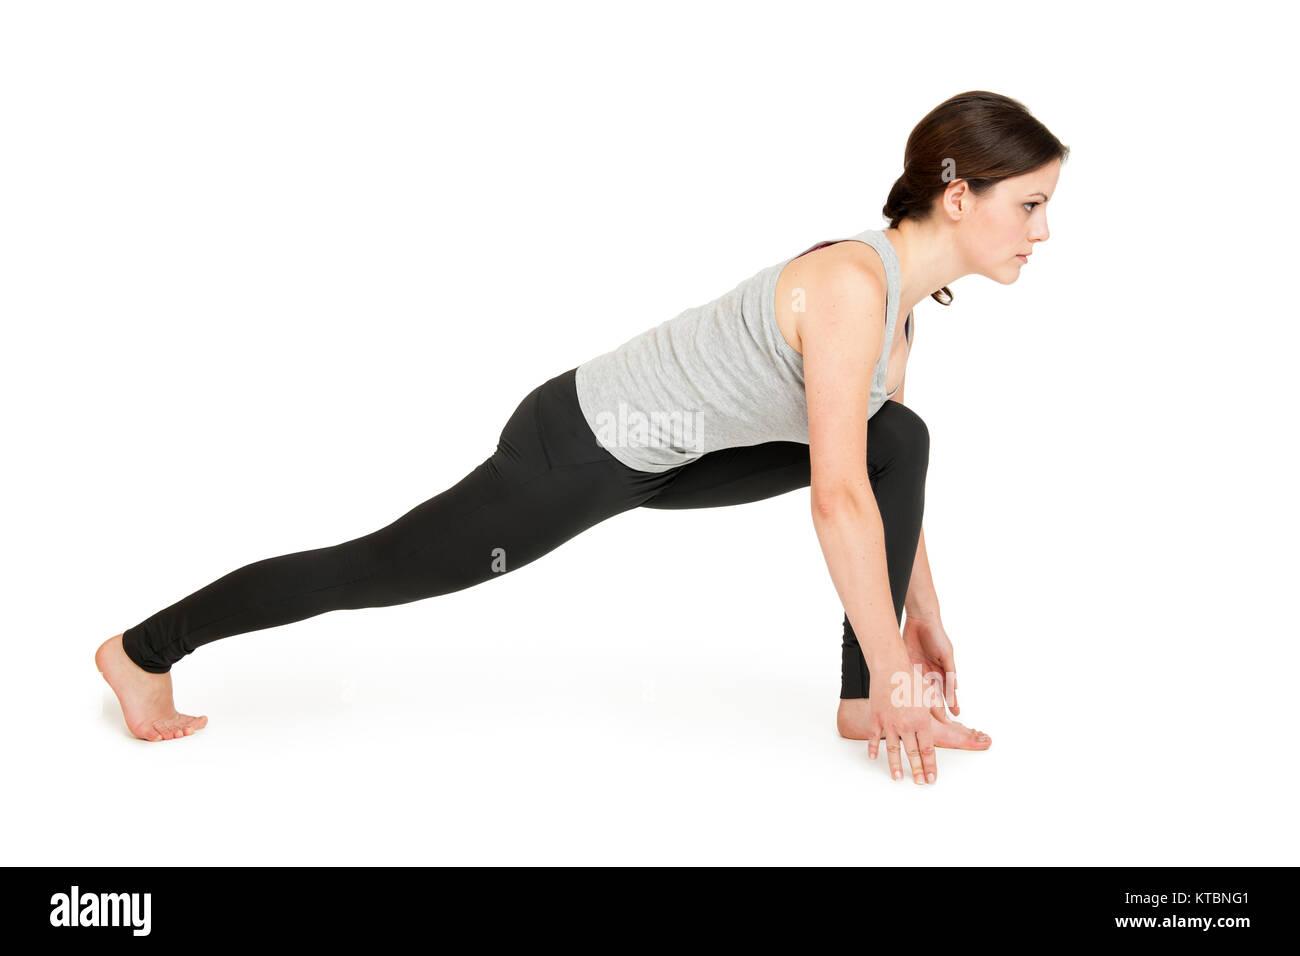 Seitenansicht einer jungen Frau die 4. Position (langer Ausfallschritt) des Yoga-Sonnengrußes zeigend vor weißen Hintergrund Stock Photo